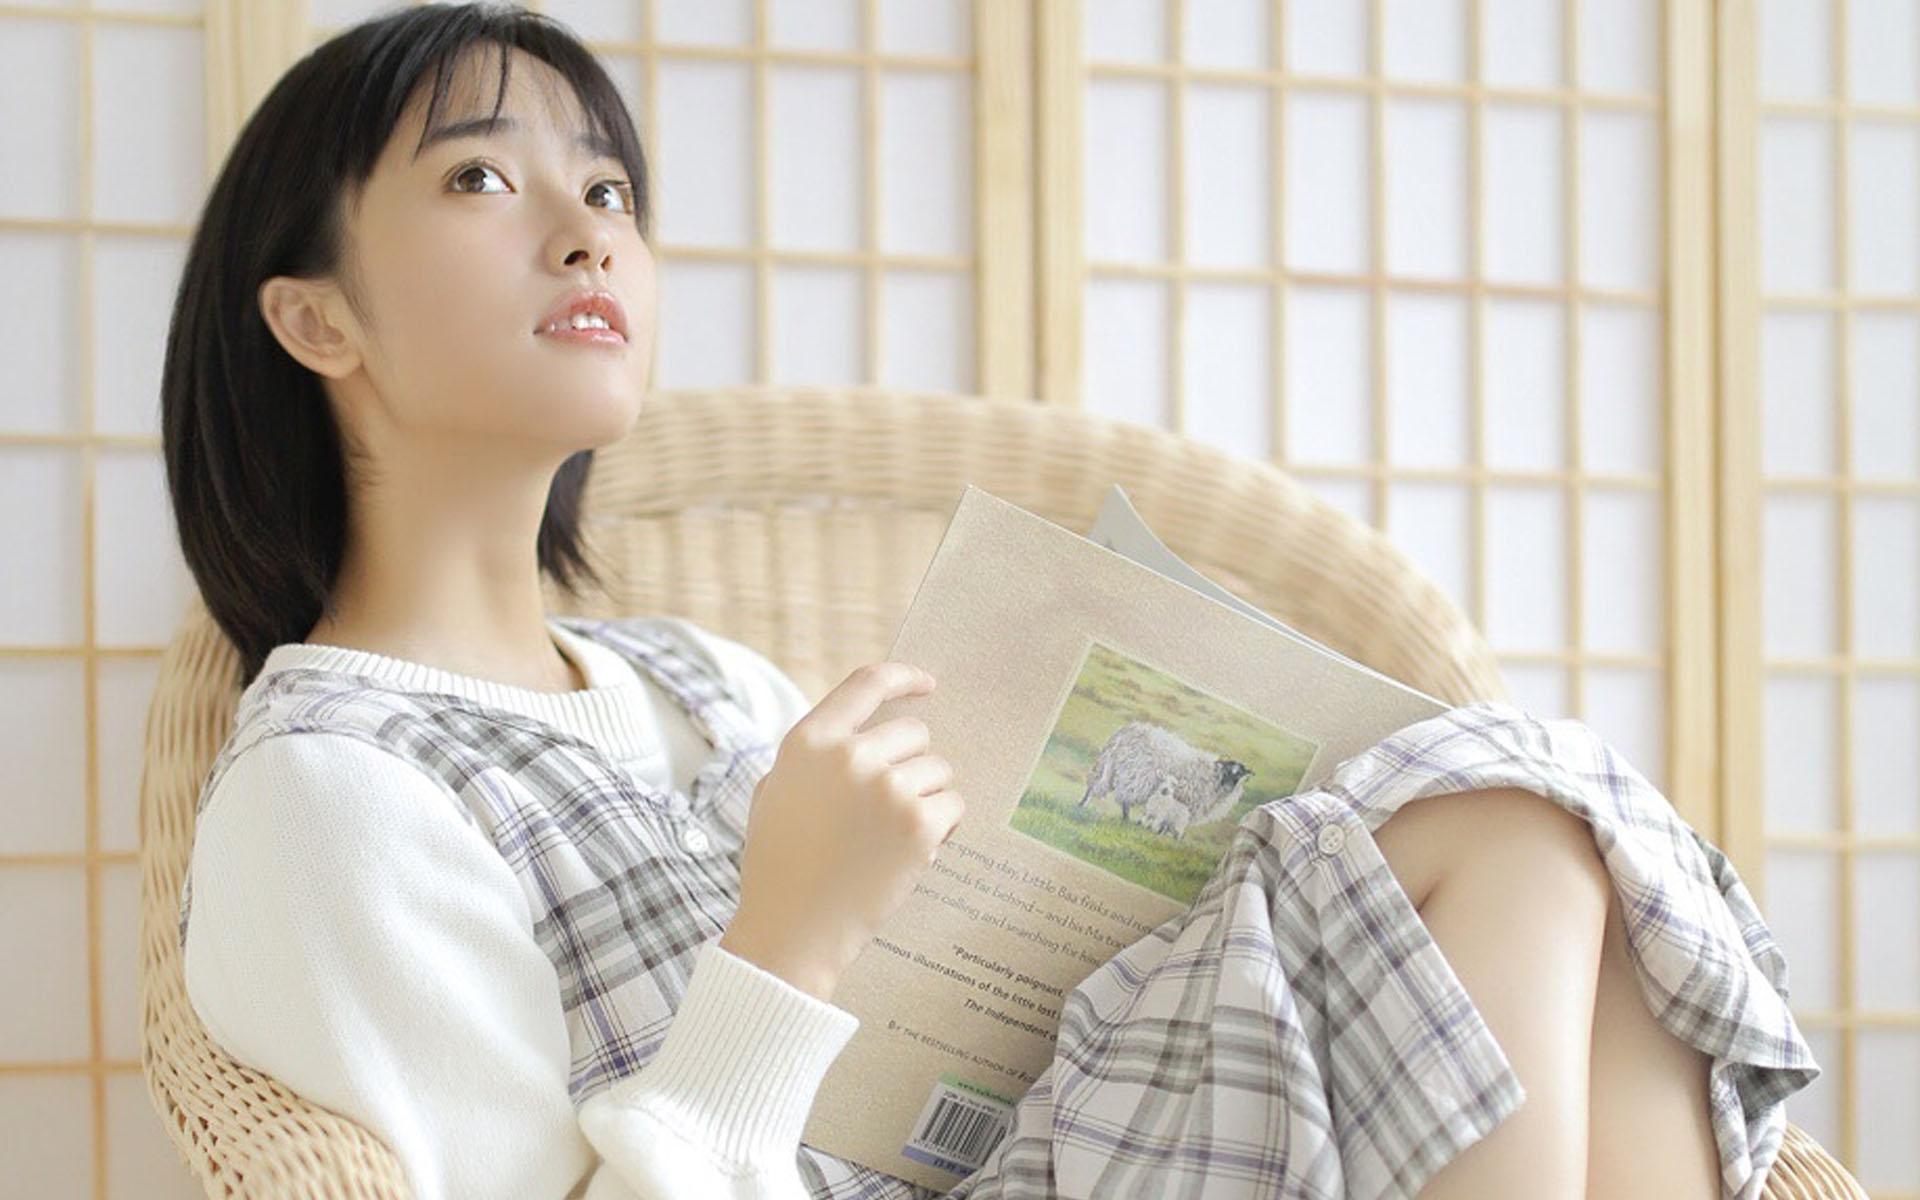 【v粉壁纸】沈月图片高清壁纸